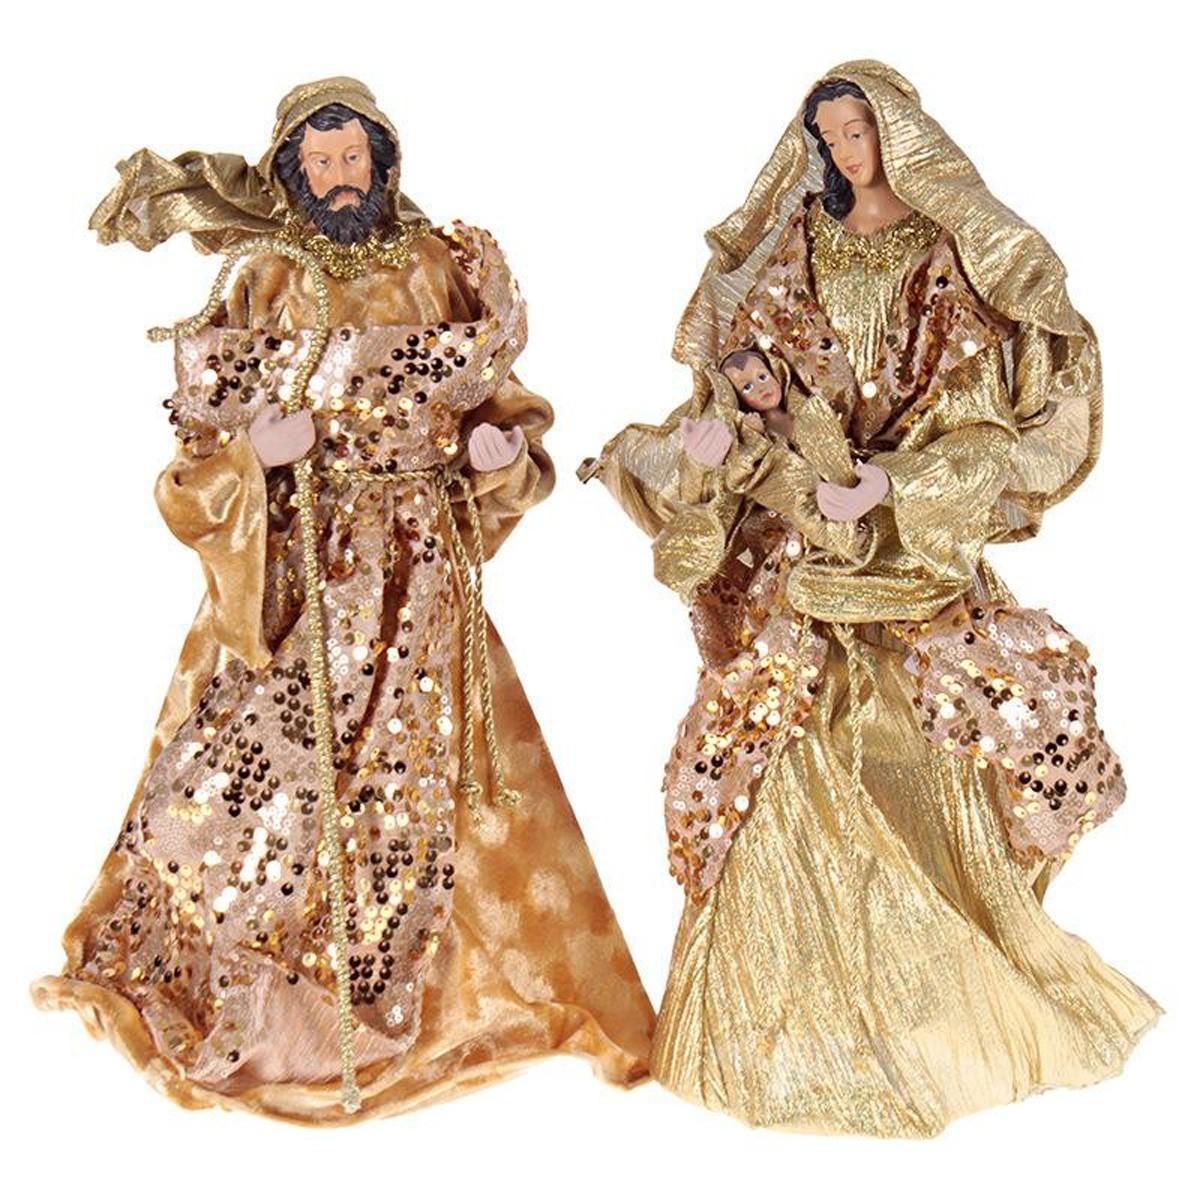 Φάτνη InArt Mary & Joseph 2-70-306-0146 home   χριστουγεννιάτικα   χριστουγεννιάτικα διακοσμητικά